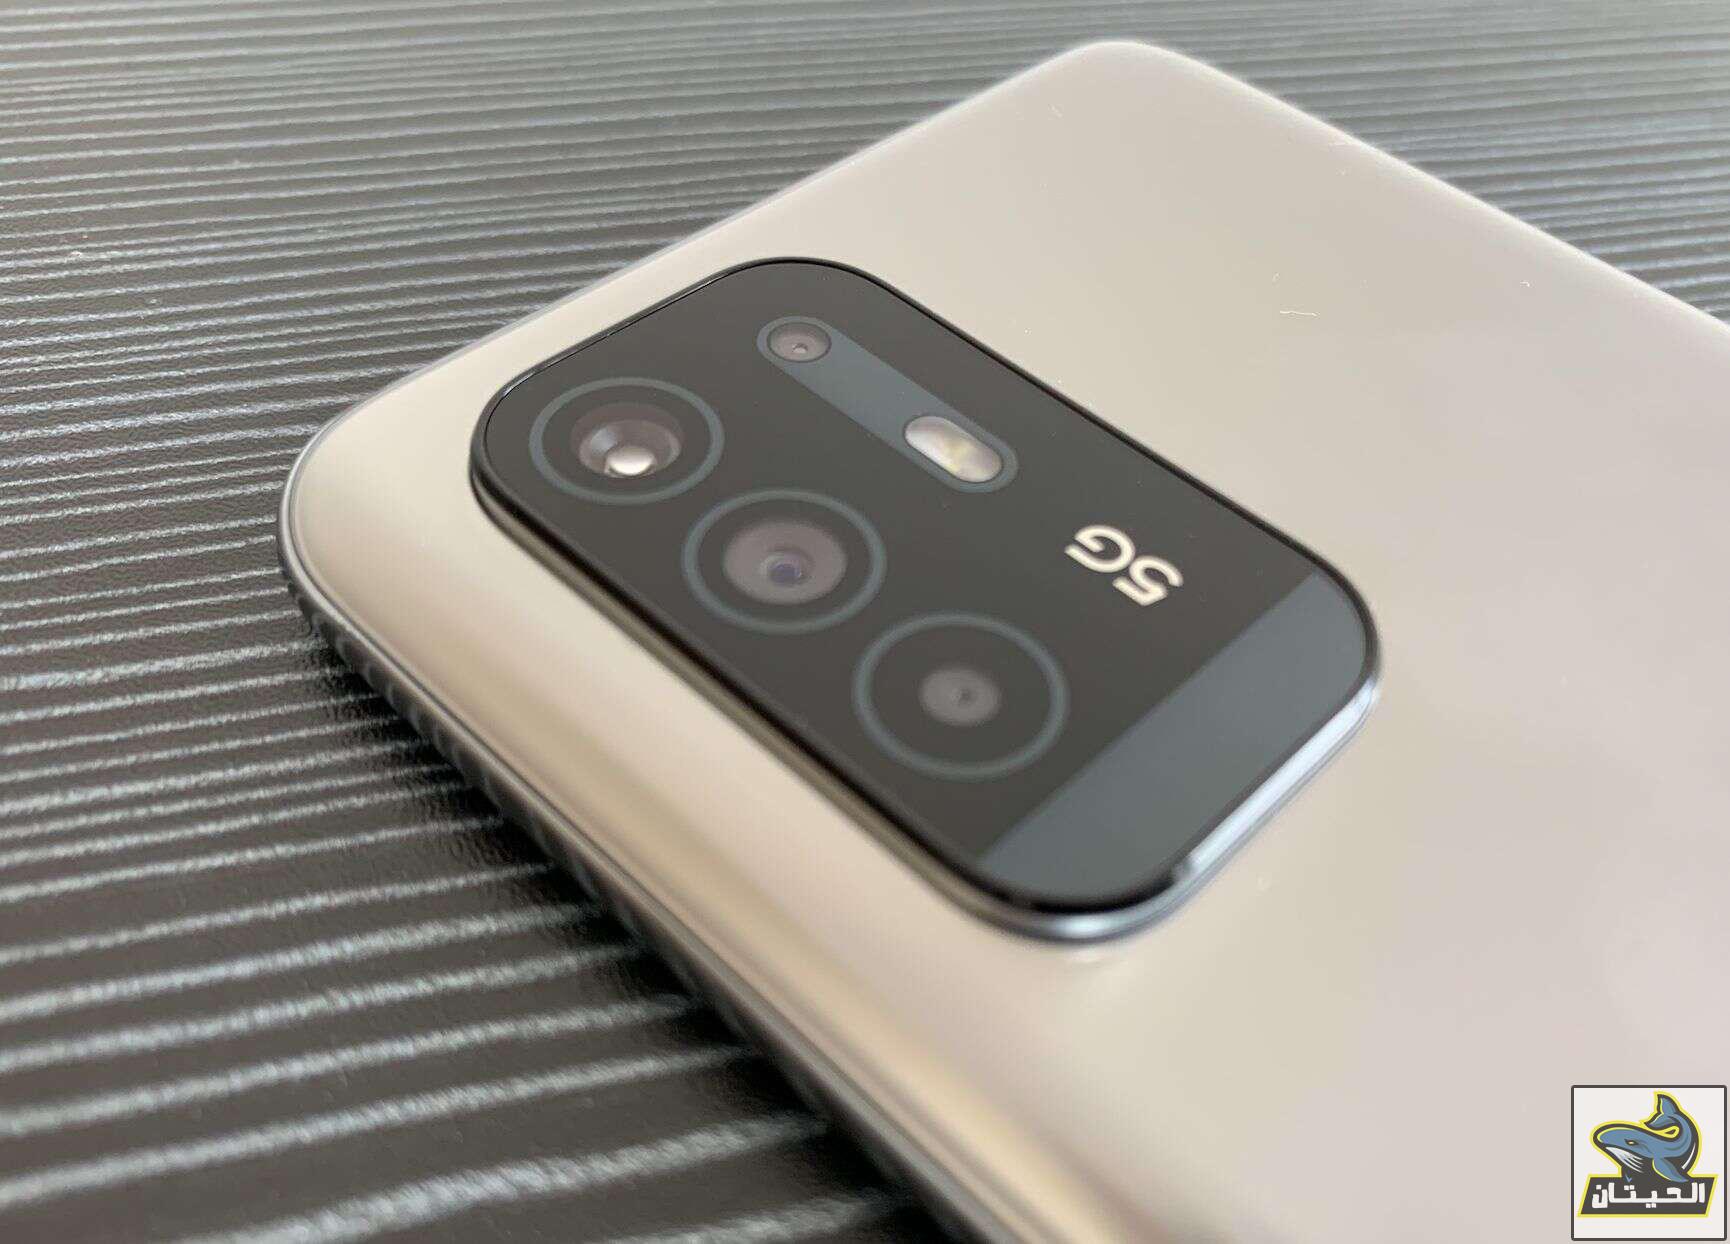 سعر Oppo F19 Pro Plus 5G اوبو اف 19 برو بلس 5 جي مميزات + عيوب